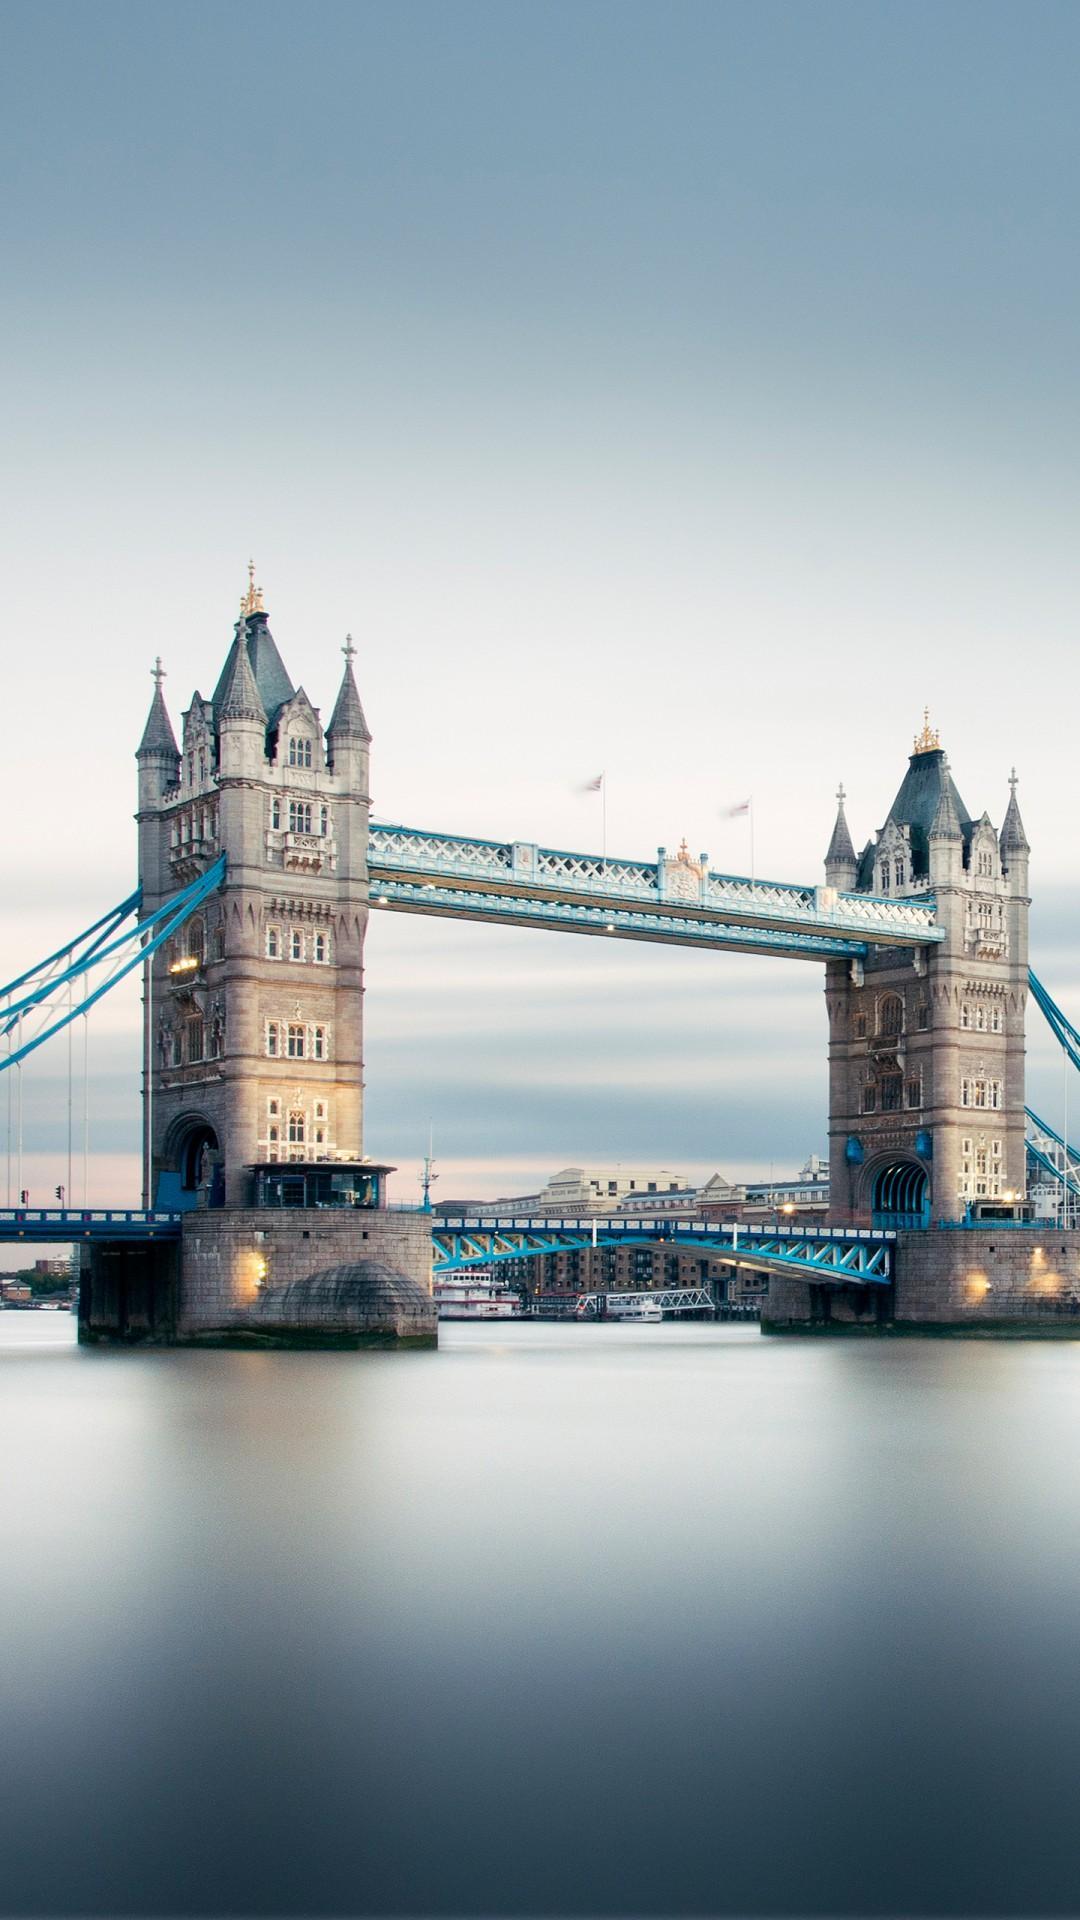 Tower Bridge London Wallpapers Wallpaper Cave